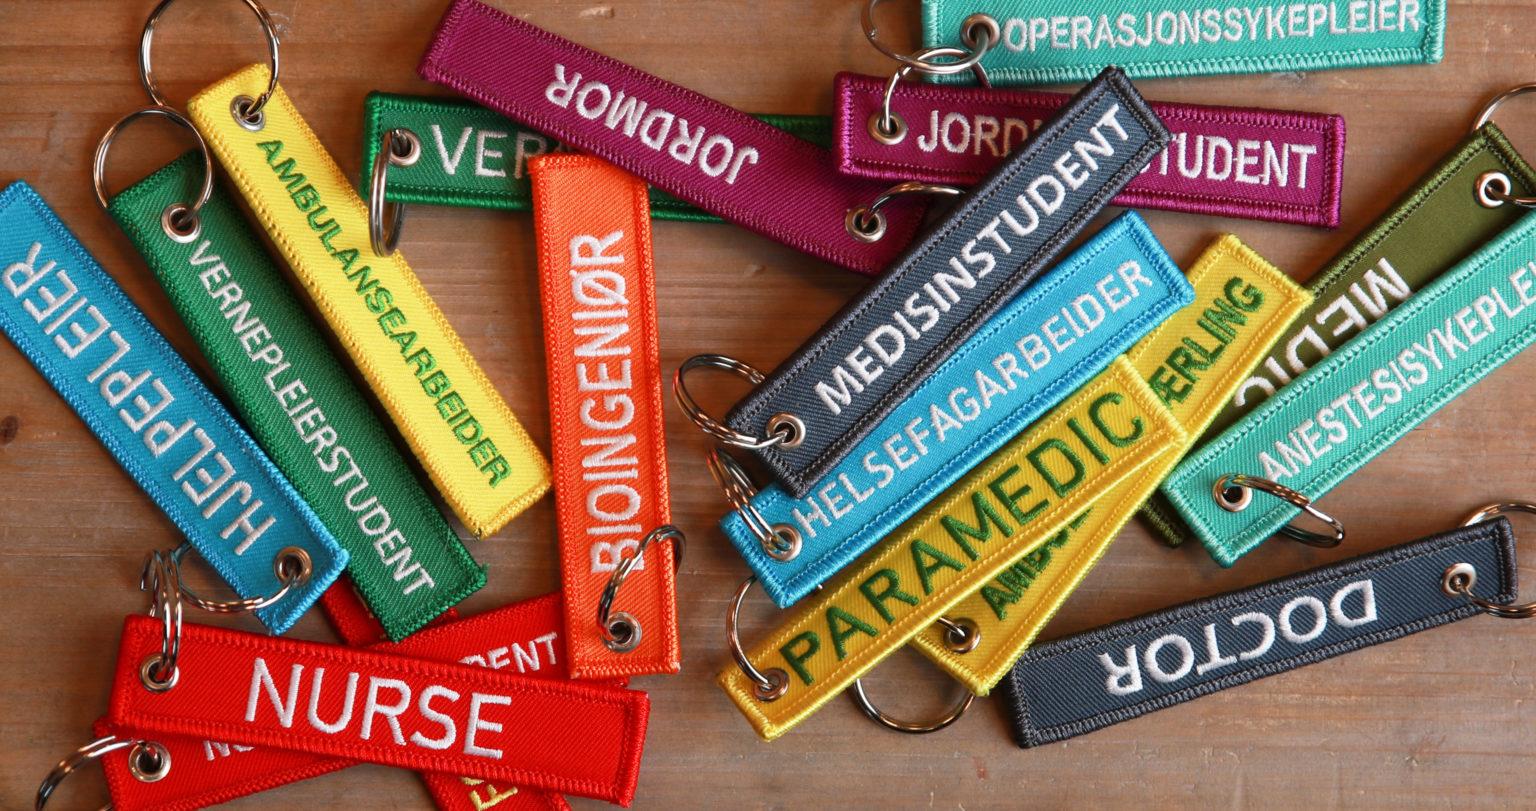 Bilde av flere nøkkelringer for helsepersonell og studenter, fra Cingulum AS